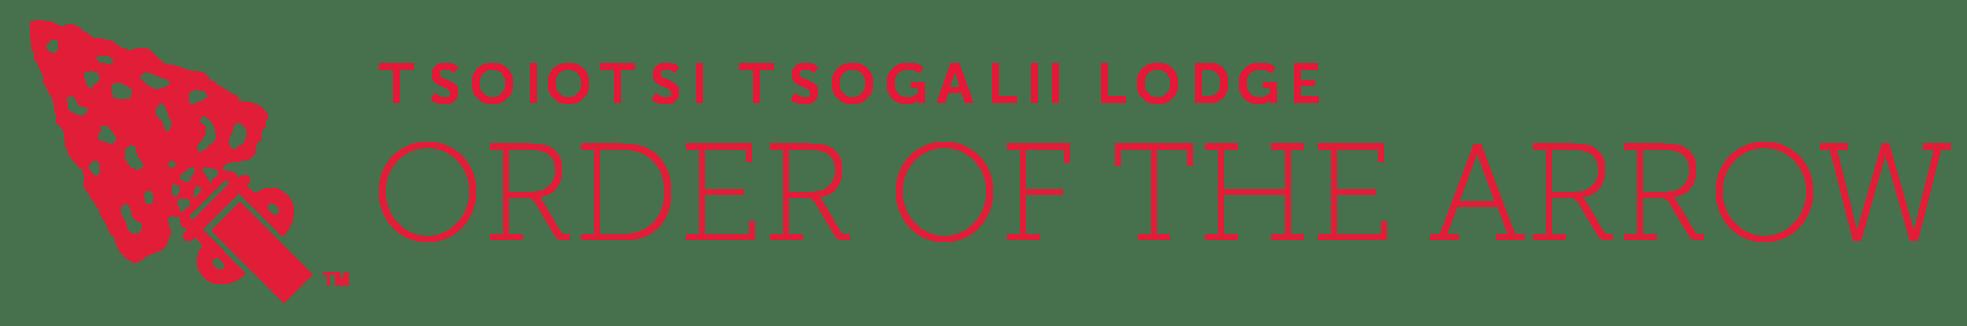 Tsoiotsi Tsogalii Lodge logo